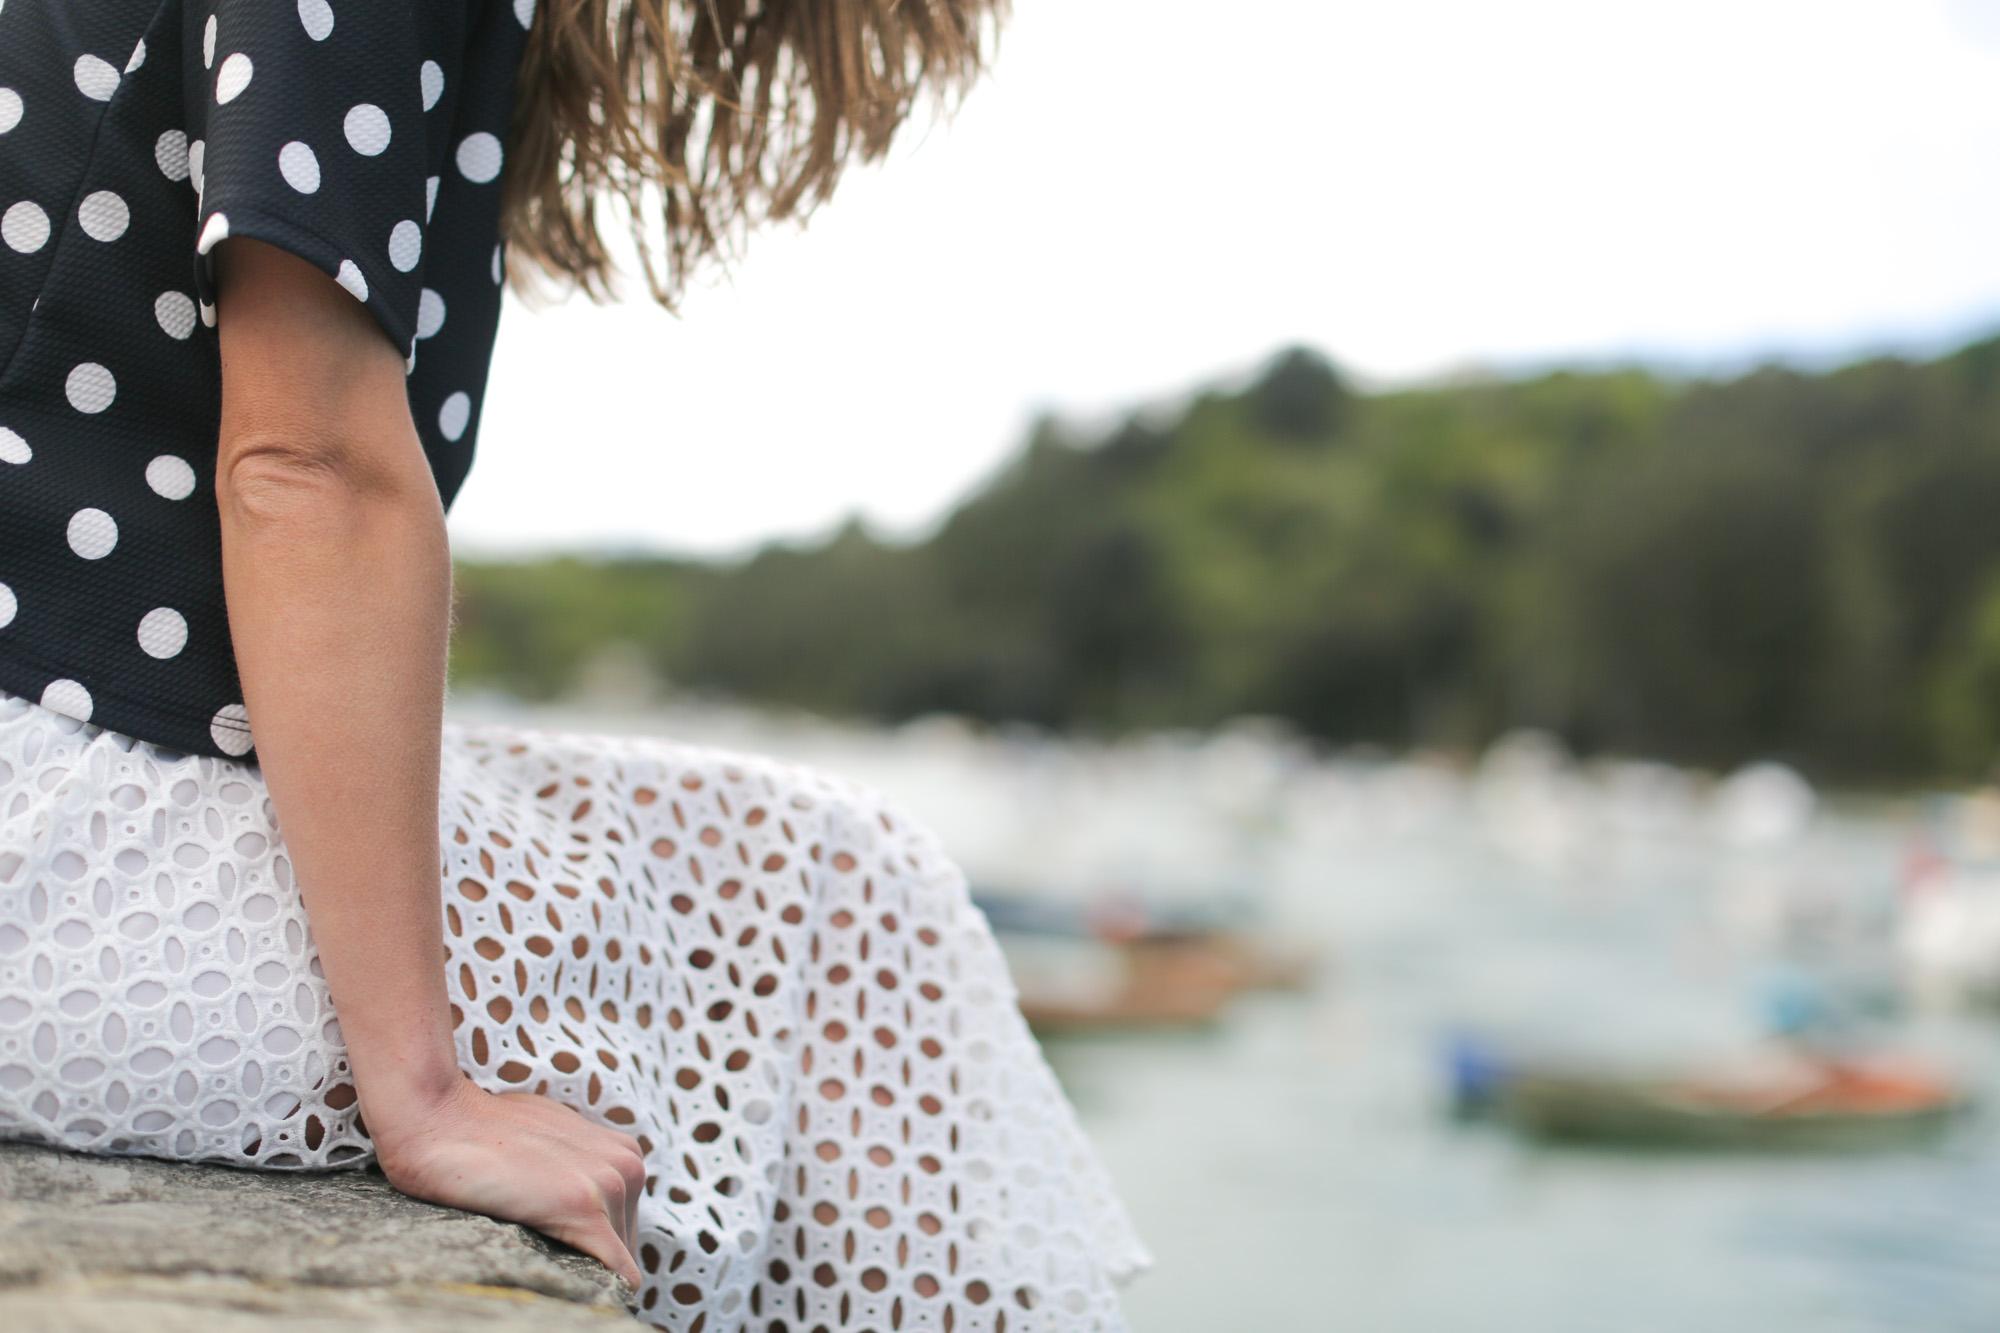 Clochet-streetstyle-zara-white-midi-crochet-dress-superga-leztinstreet-4